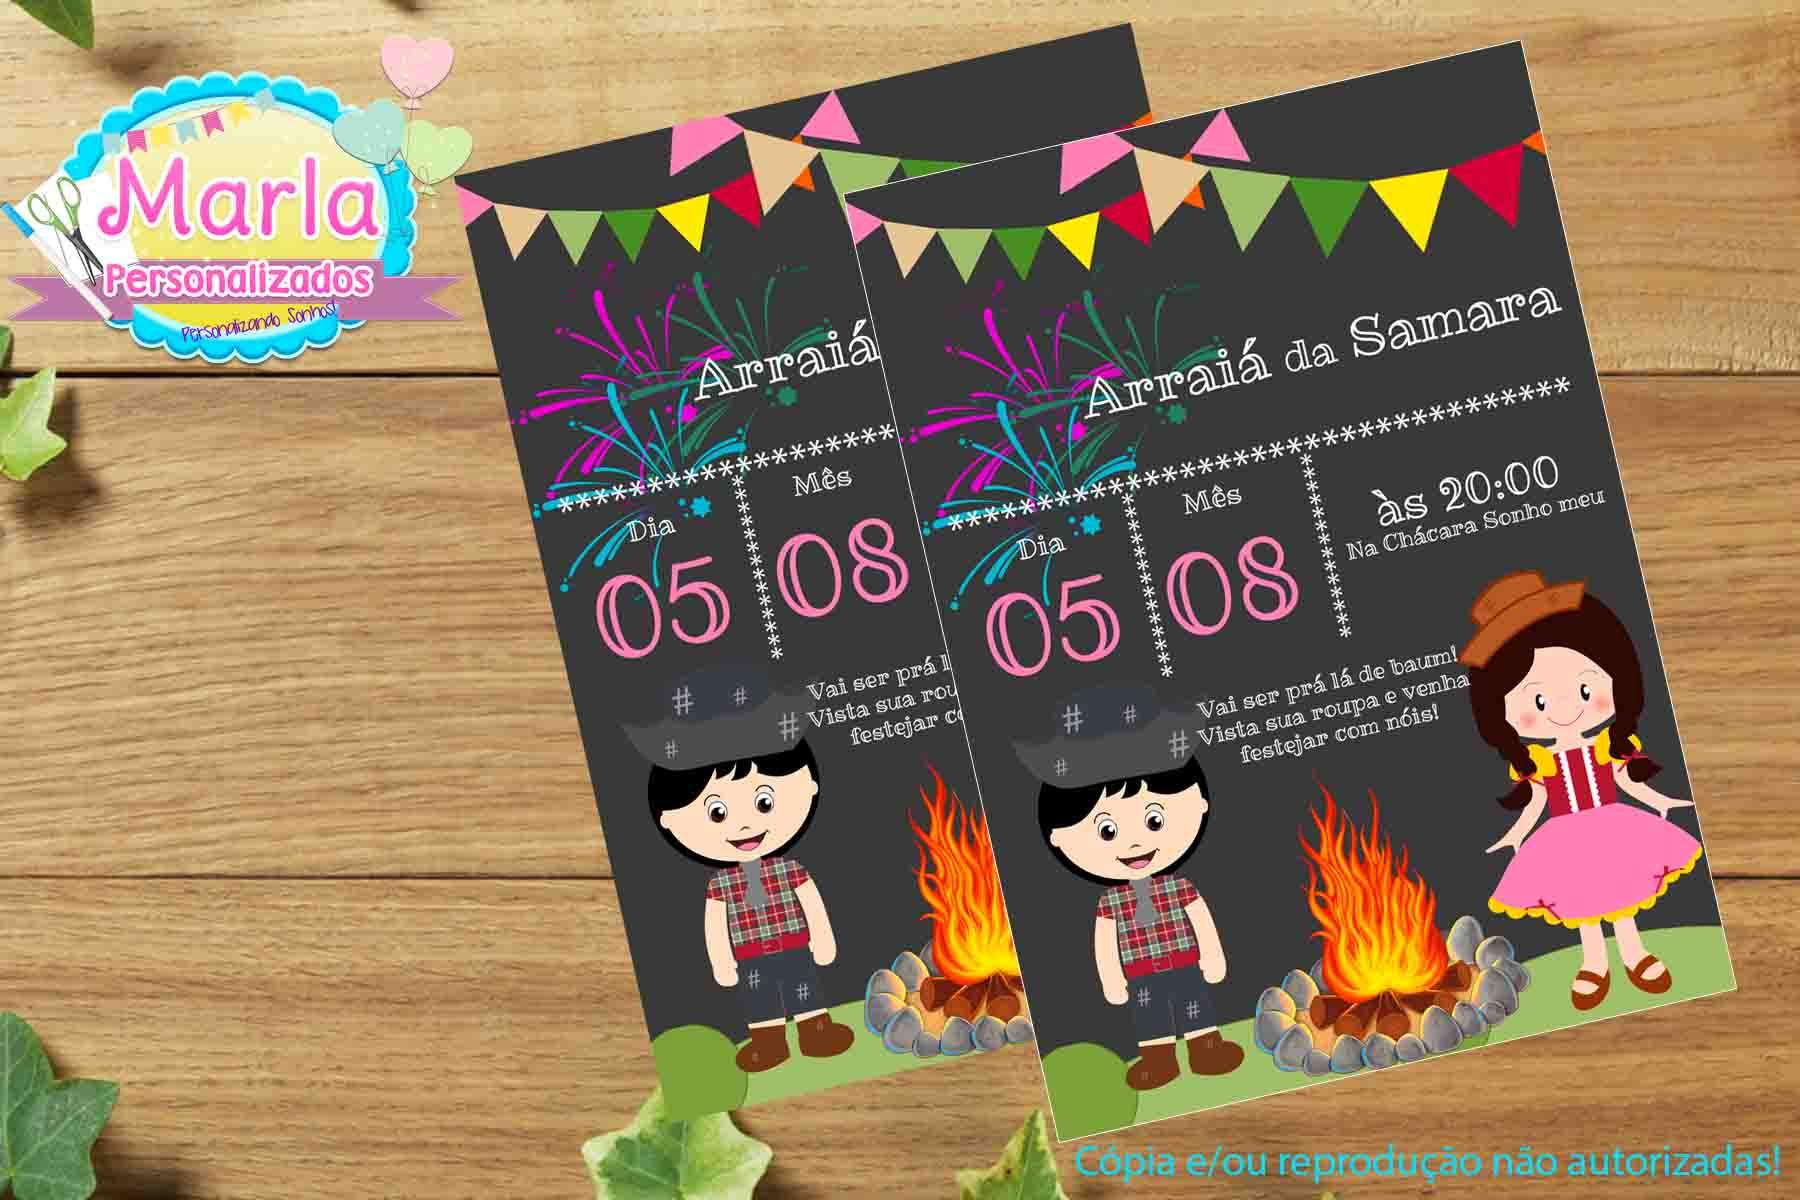 Convite Digital Festa Junina No Elo7 Marla Personalizados 965aea